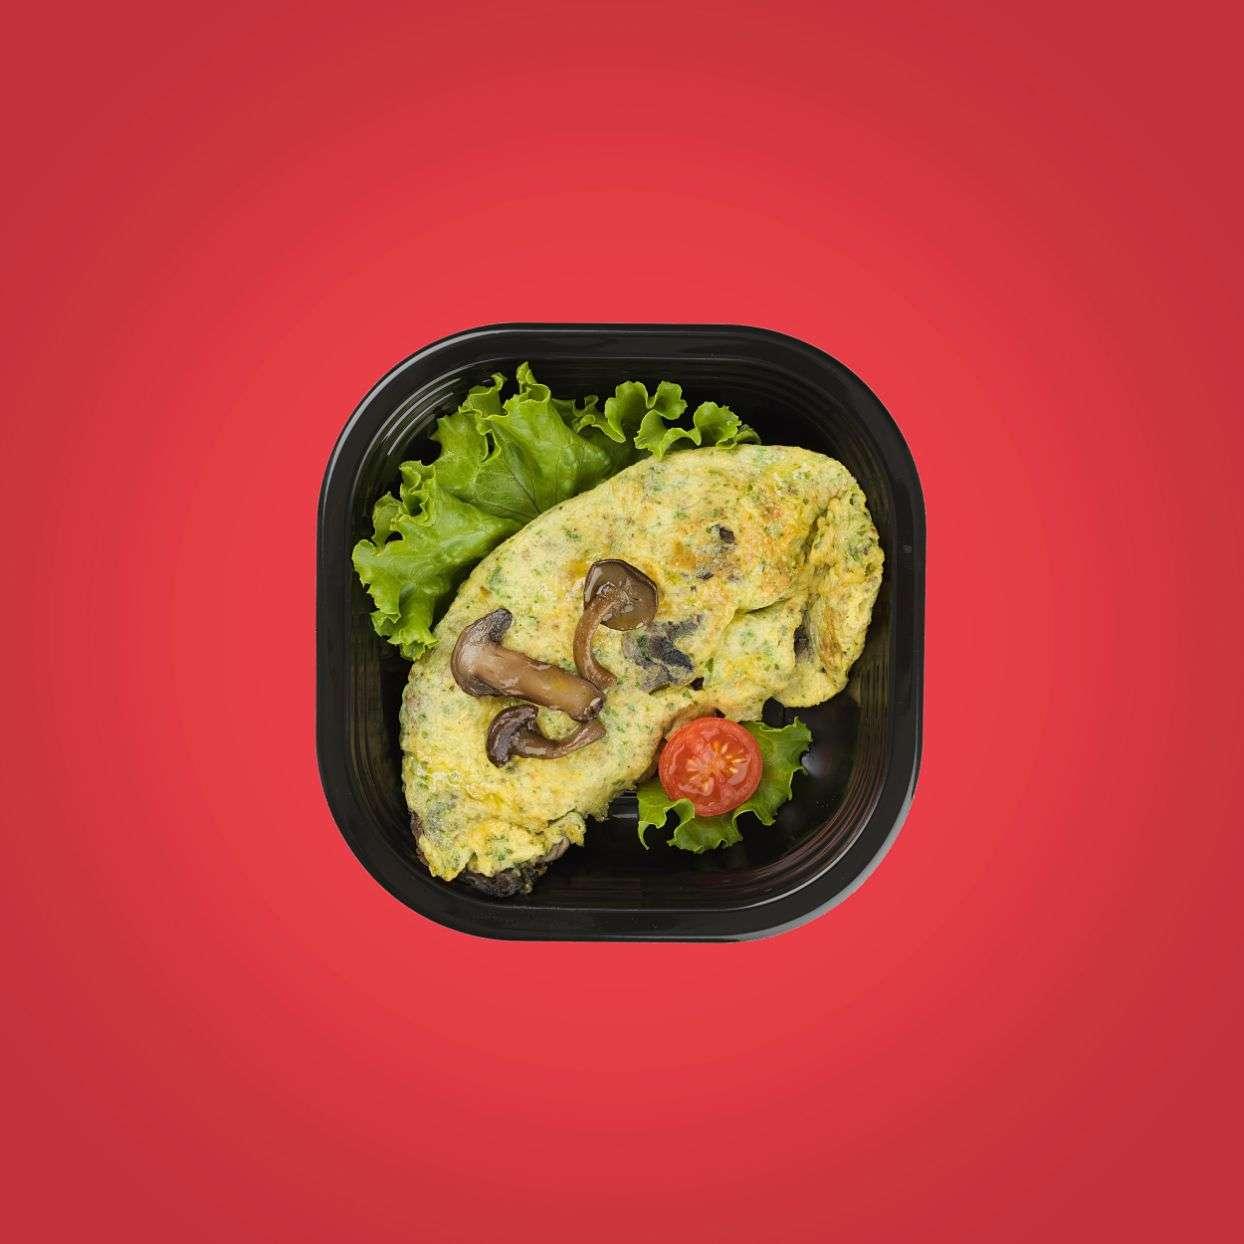 Frittata funghi e timo_8180 piatti pronti senza glutine a domicilio